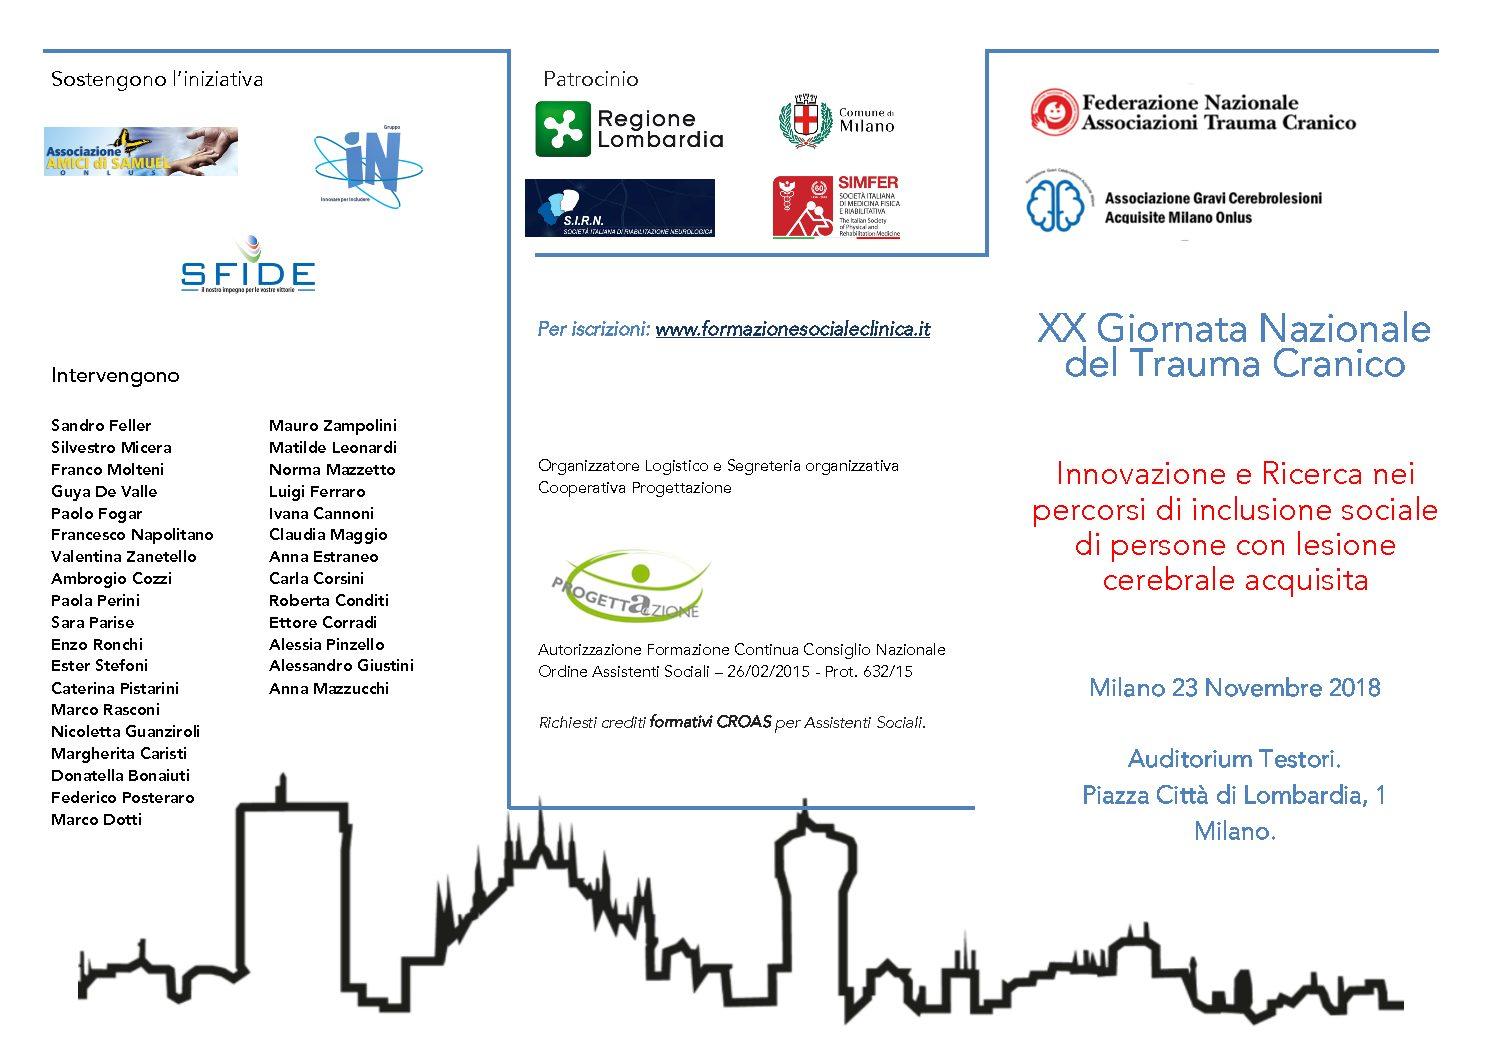 Ancora qualche giorno per iscriversi al Convegno: Innovazione e ricerca nei percorsi di inclusione sociale di persone con cerebrolesione acquisita